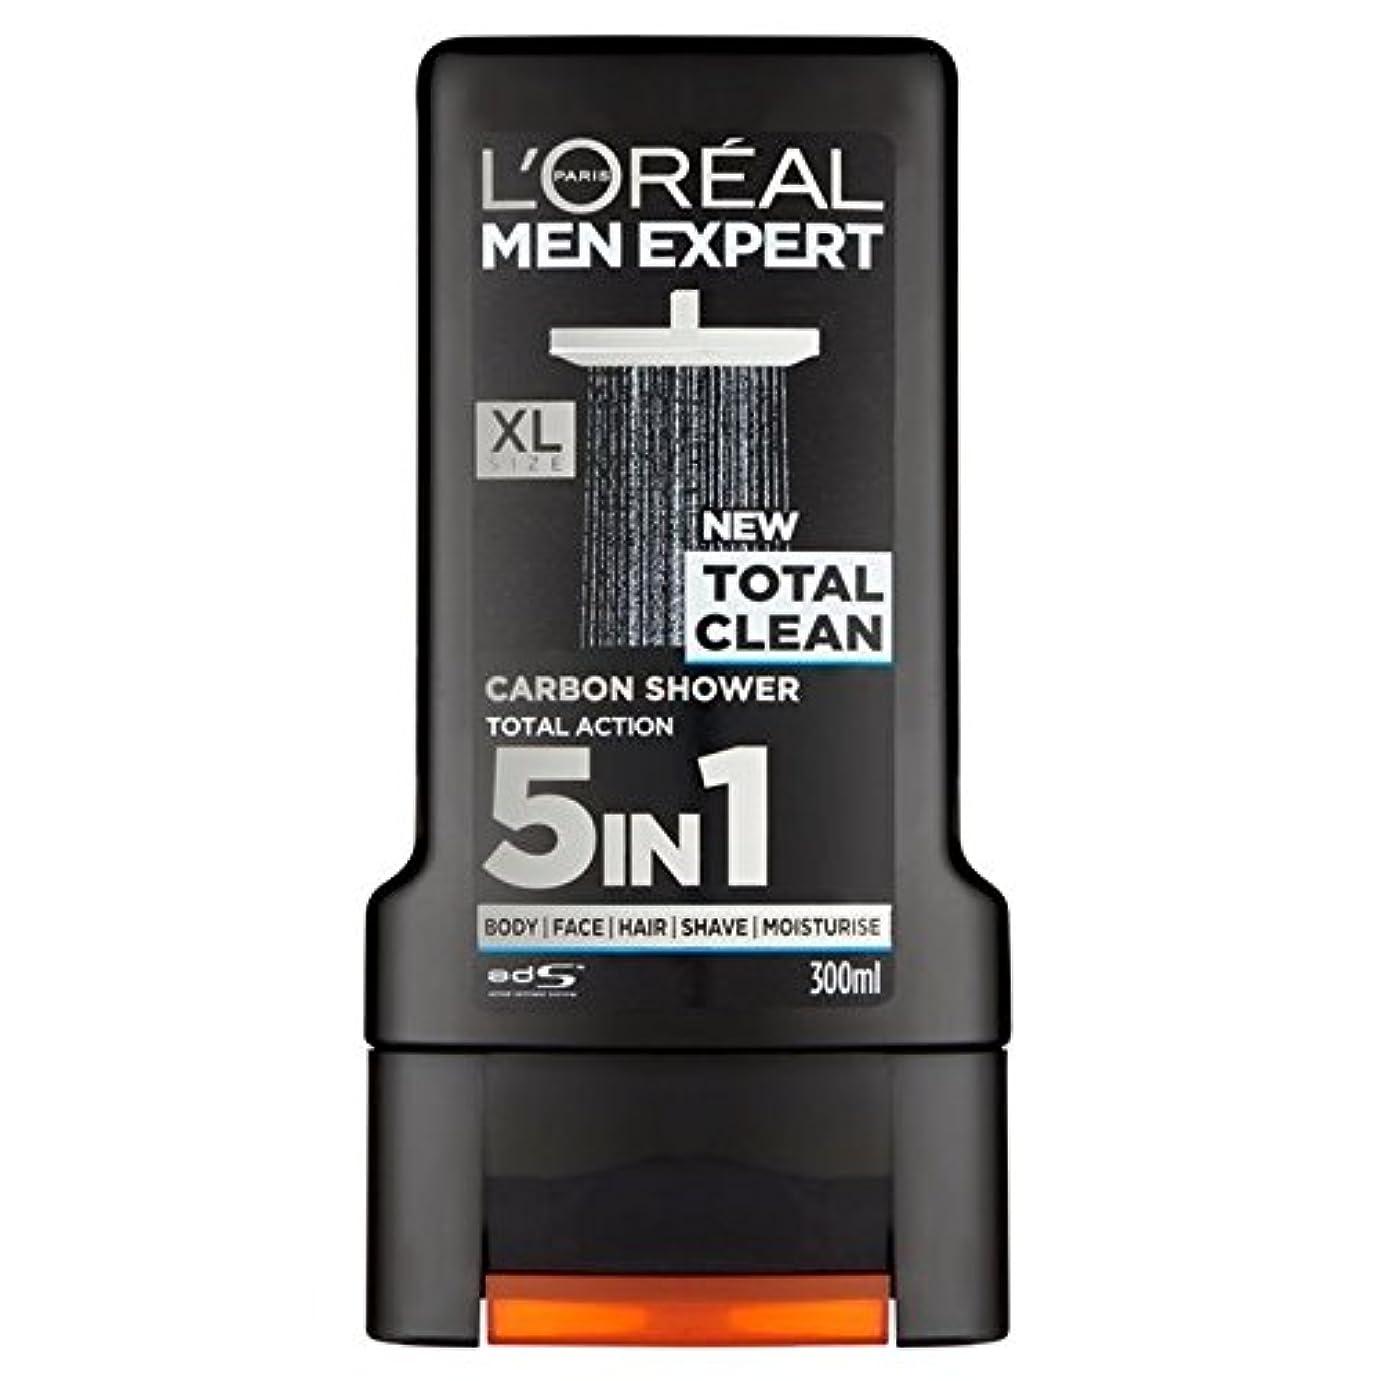 周術期行為年金受給者ロレアルパリのメンズ専門トータルクリーンシャワージェル300ミリリットル x4 - L'Oreal Paris Men Expert Total Clean Shower Gel 300ml (Pack of 4) [並行輸入品]